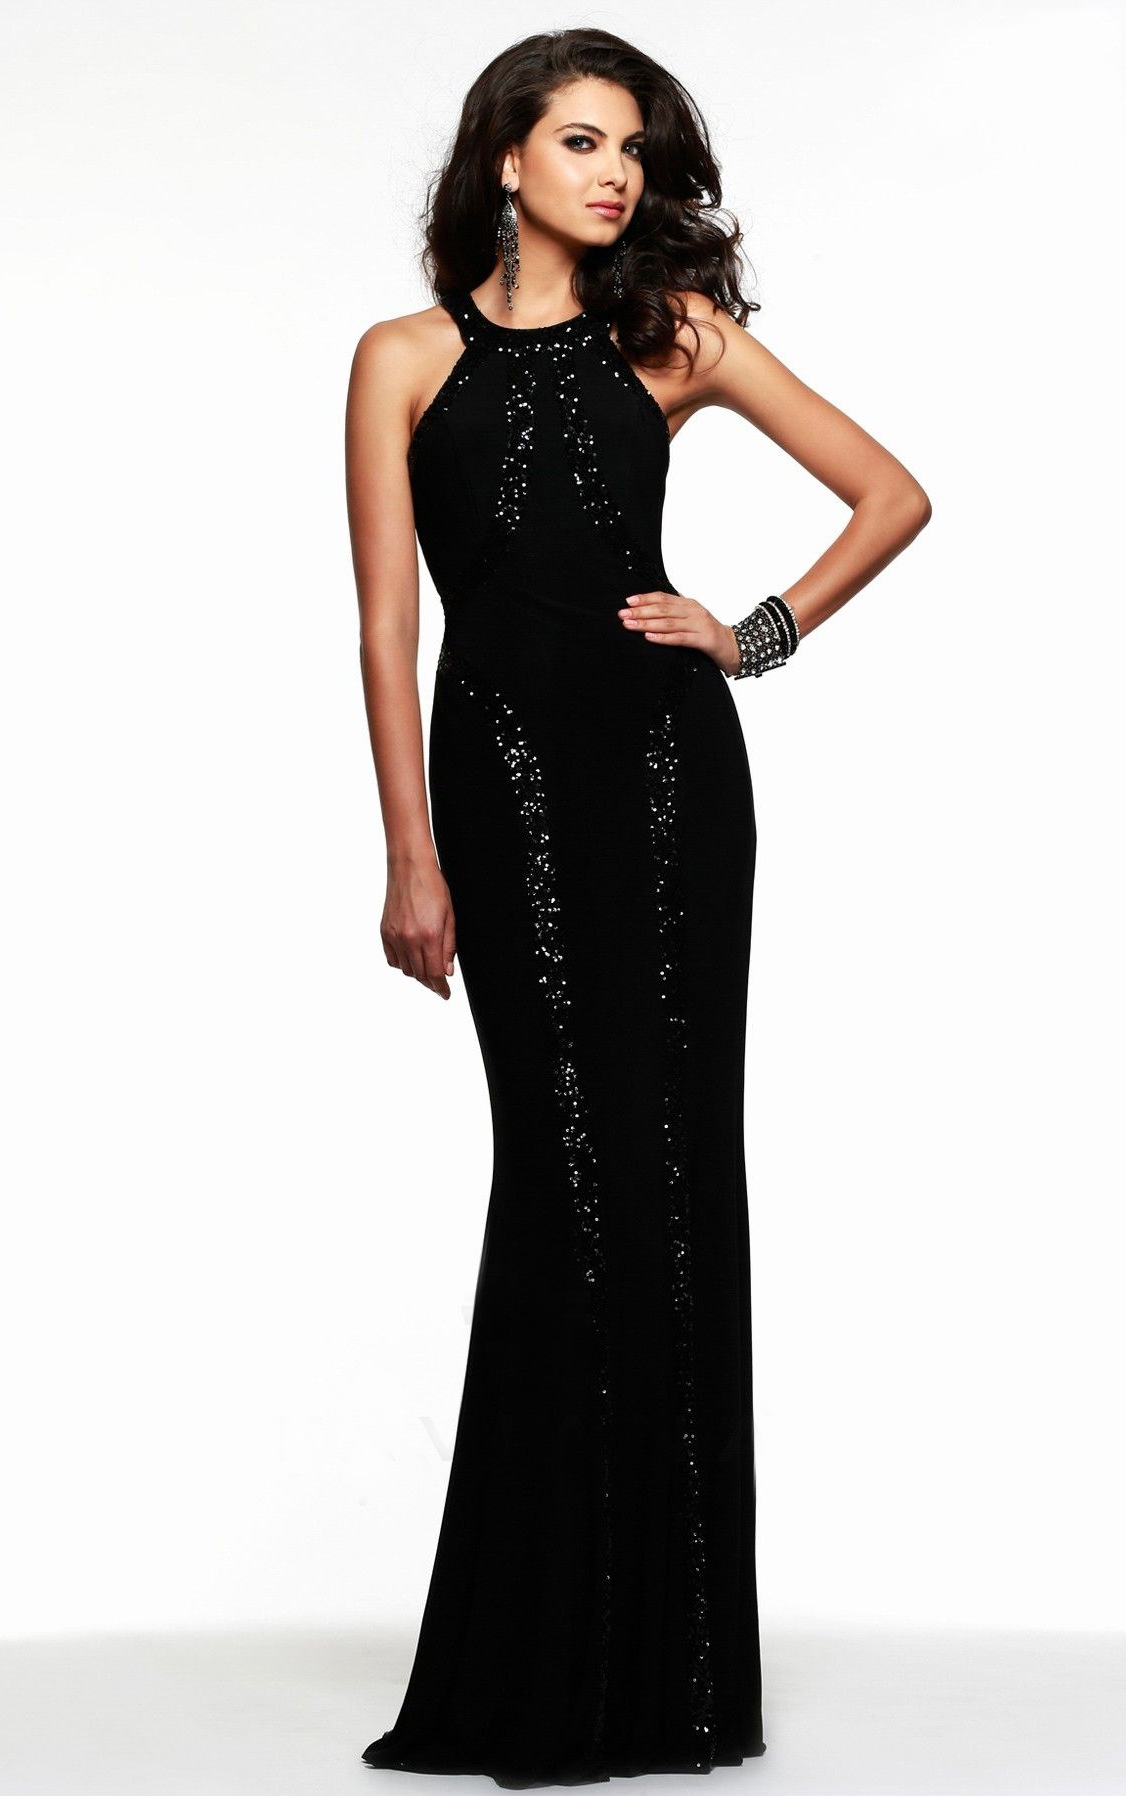 0acc7366f1190 Siyah Abiye Elbise Modelleri - En Şık Gece Elbiseleri | SadeKadınlar ...